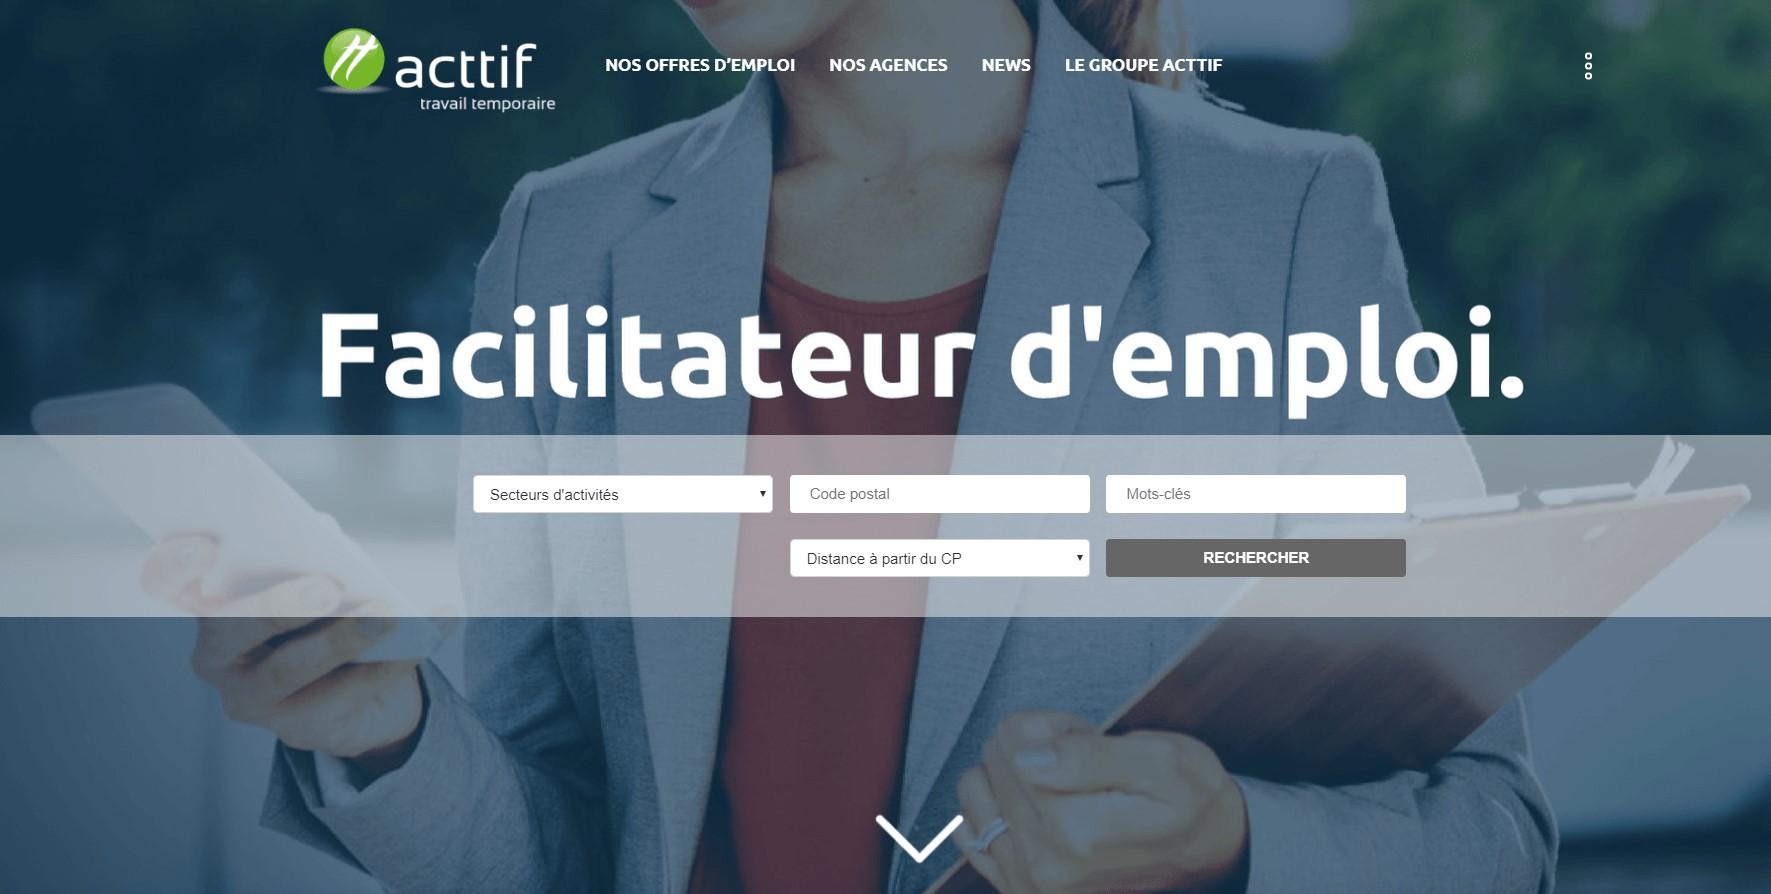 page d'accueil site web acttif travail temporaire